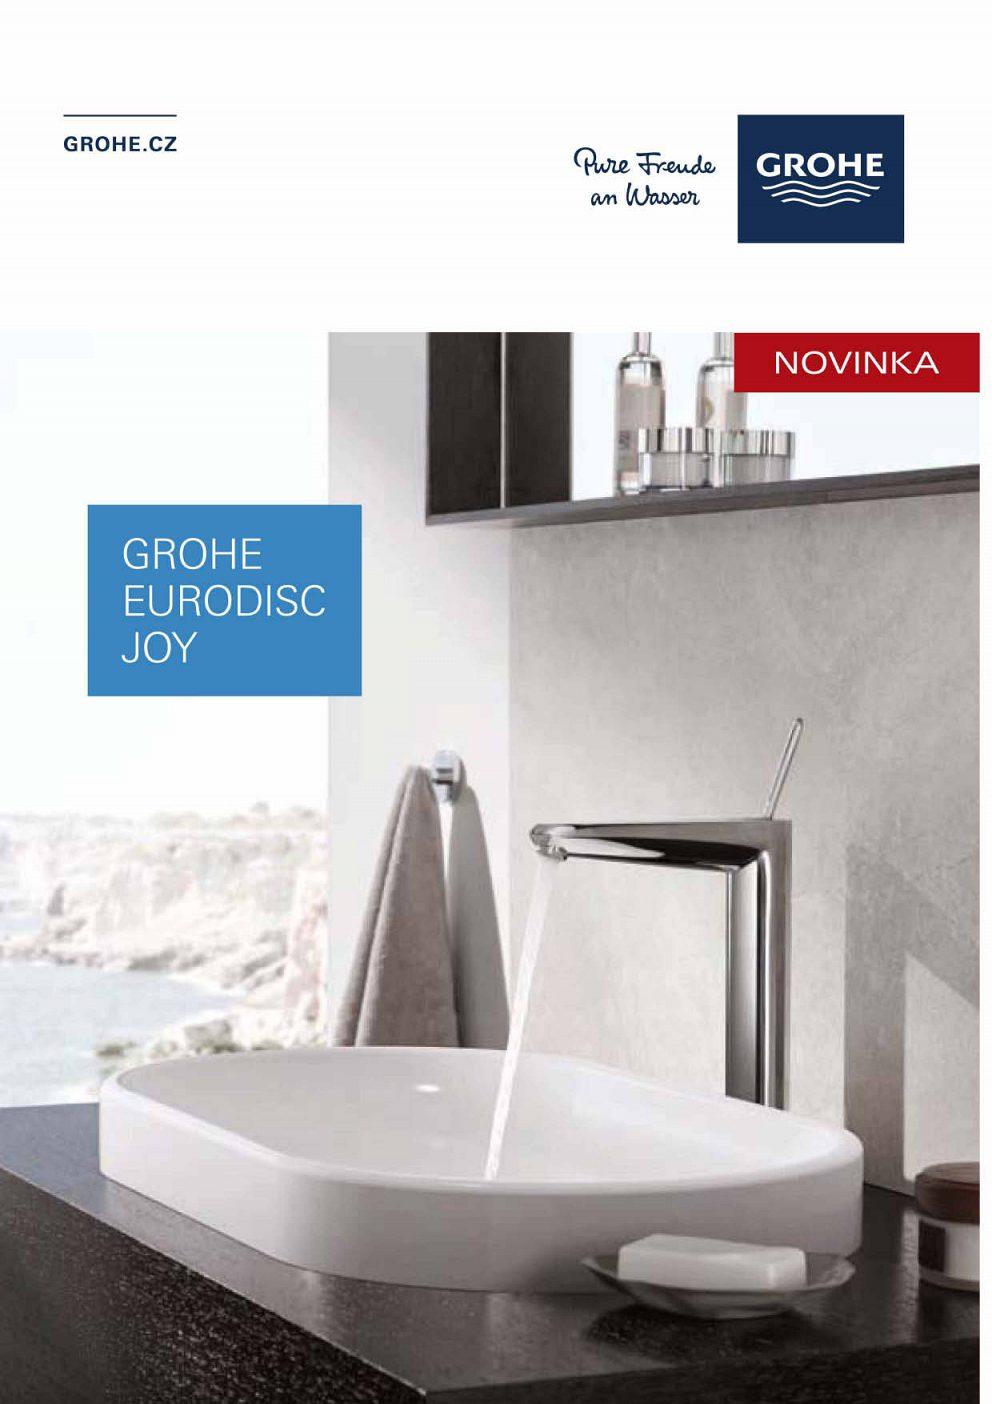 Grohe - Eurodisc Joy